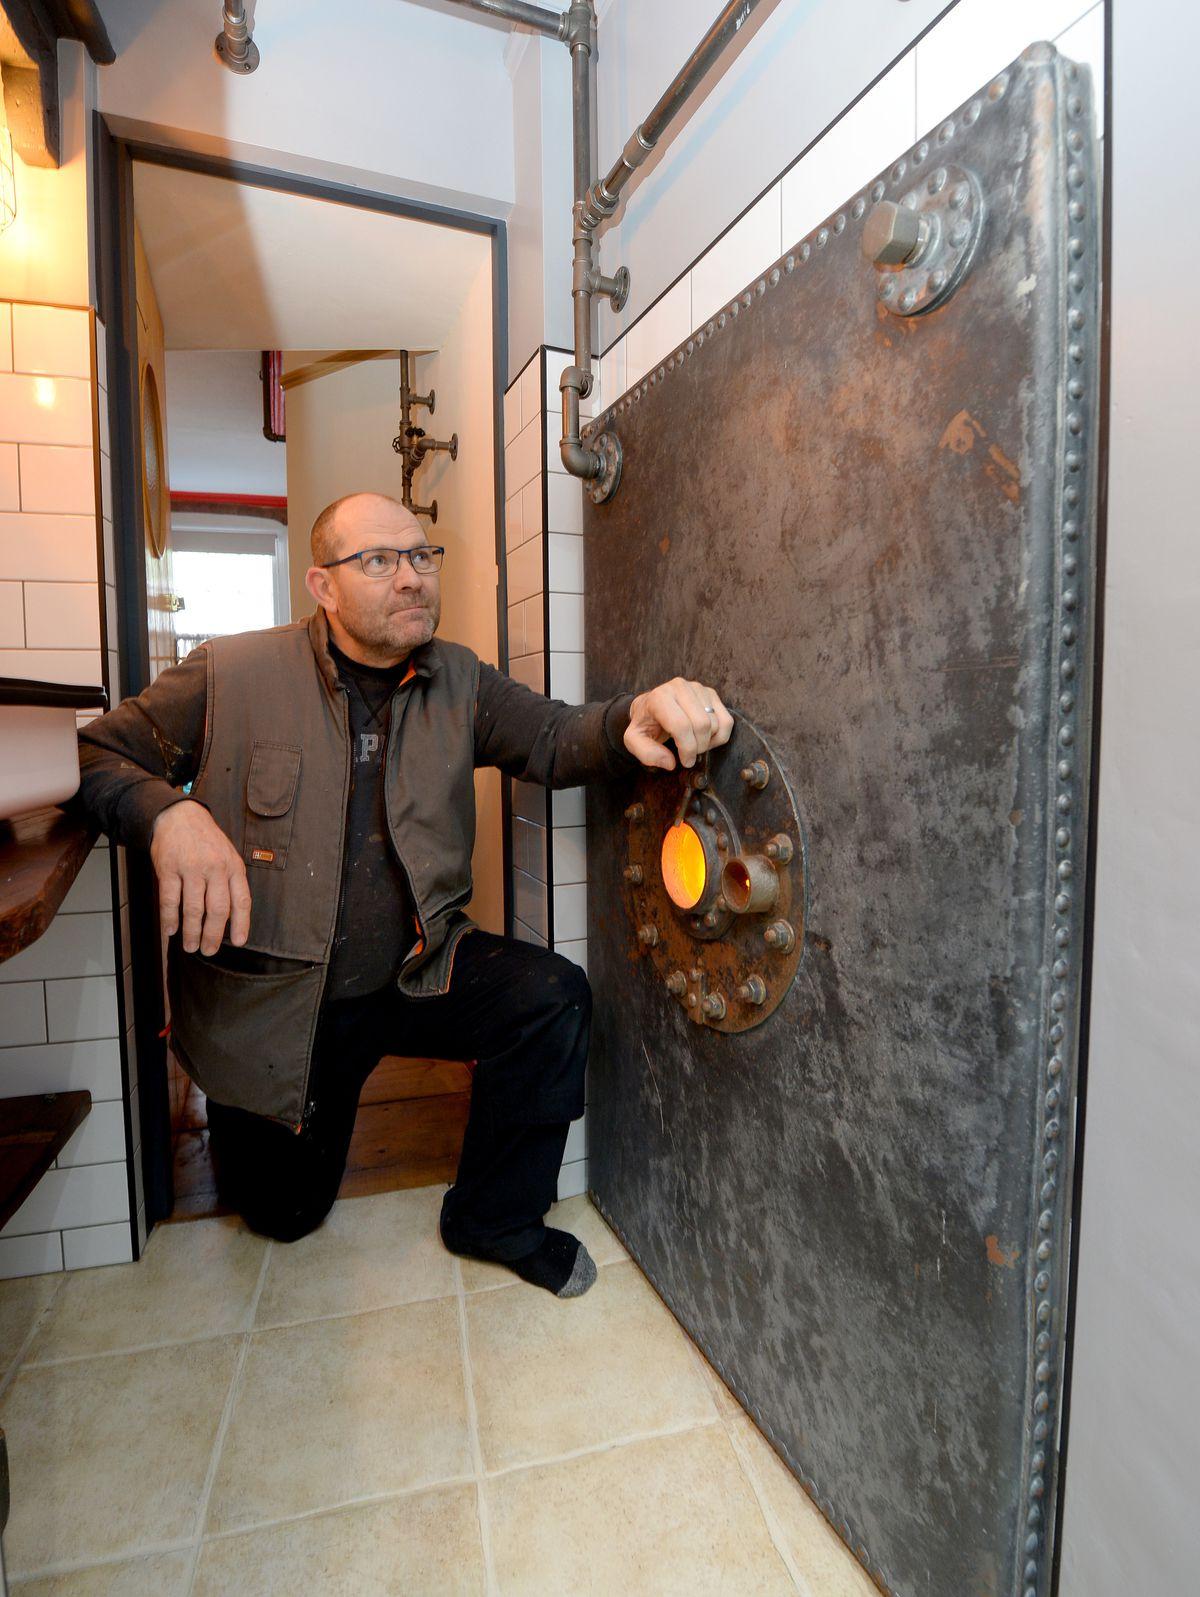 Jason, an airline pilot, undertook most of the renovation work himself